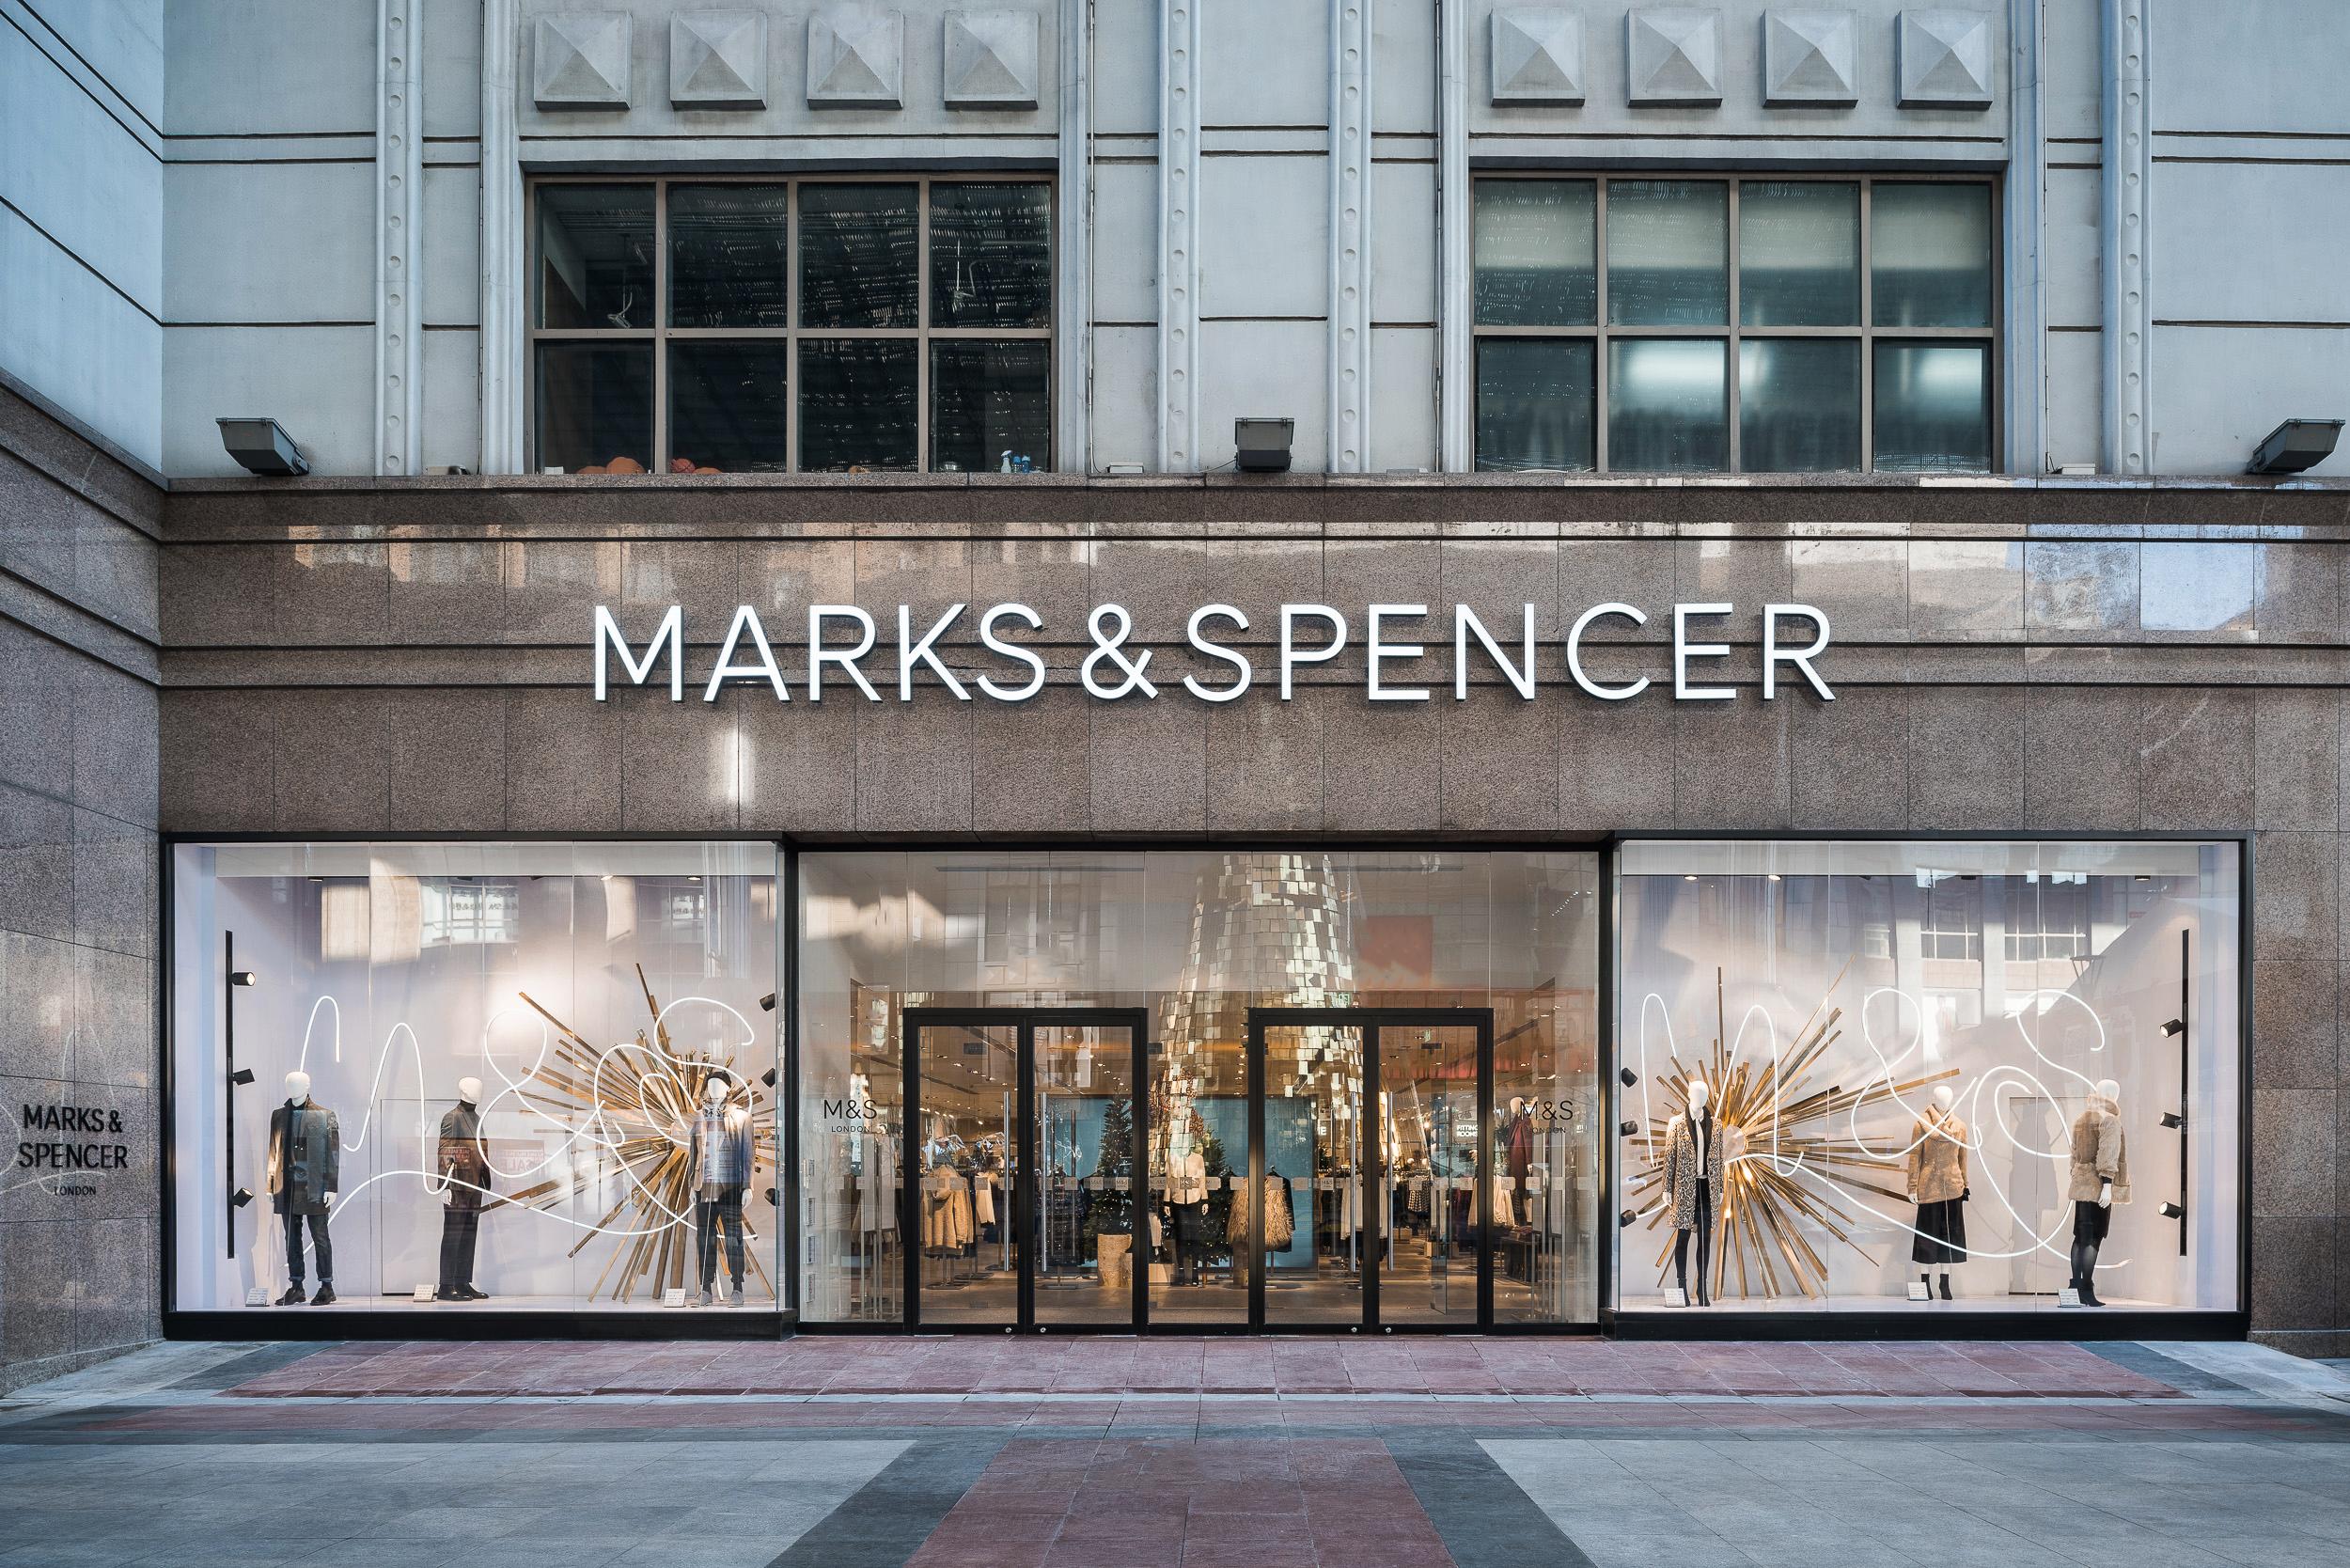 Marks & Spencer flagship store in Beijing